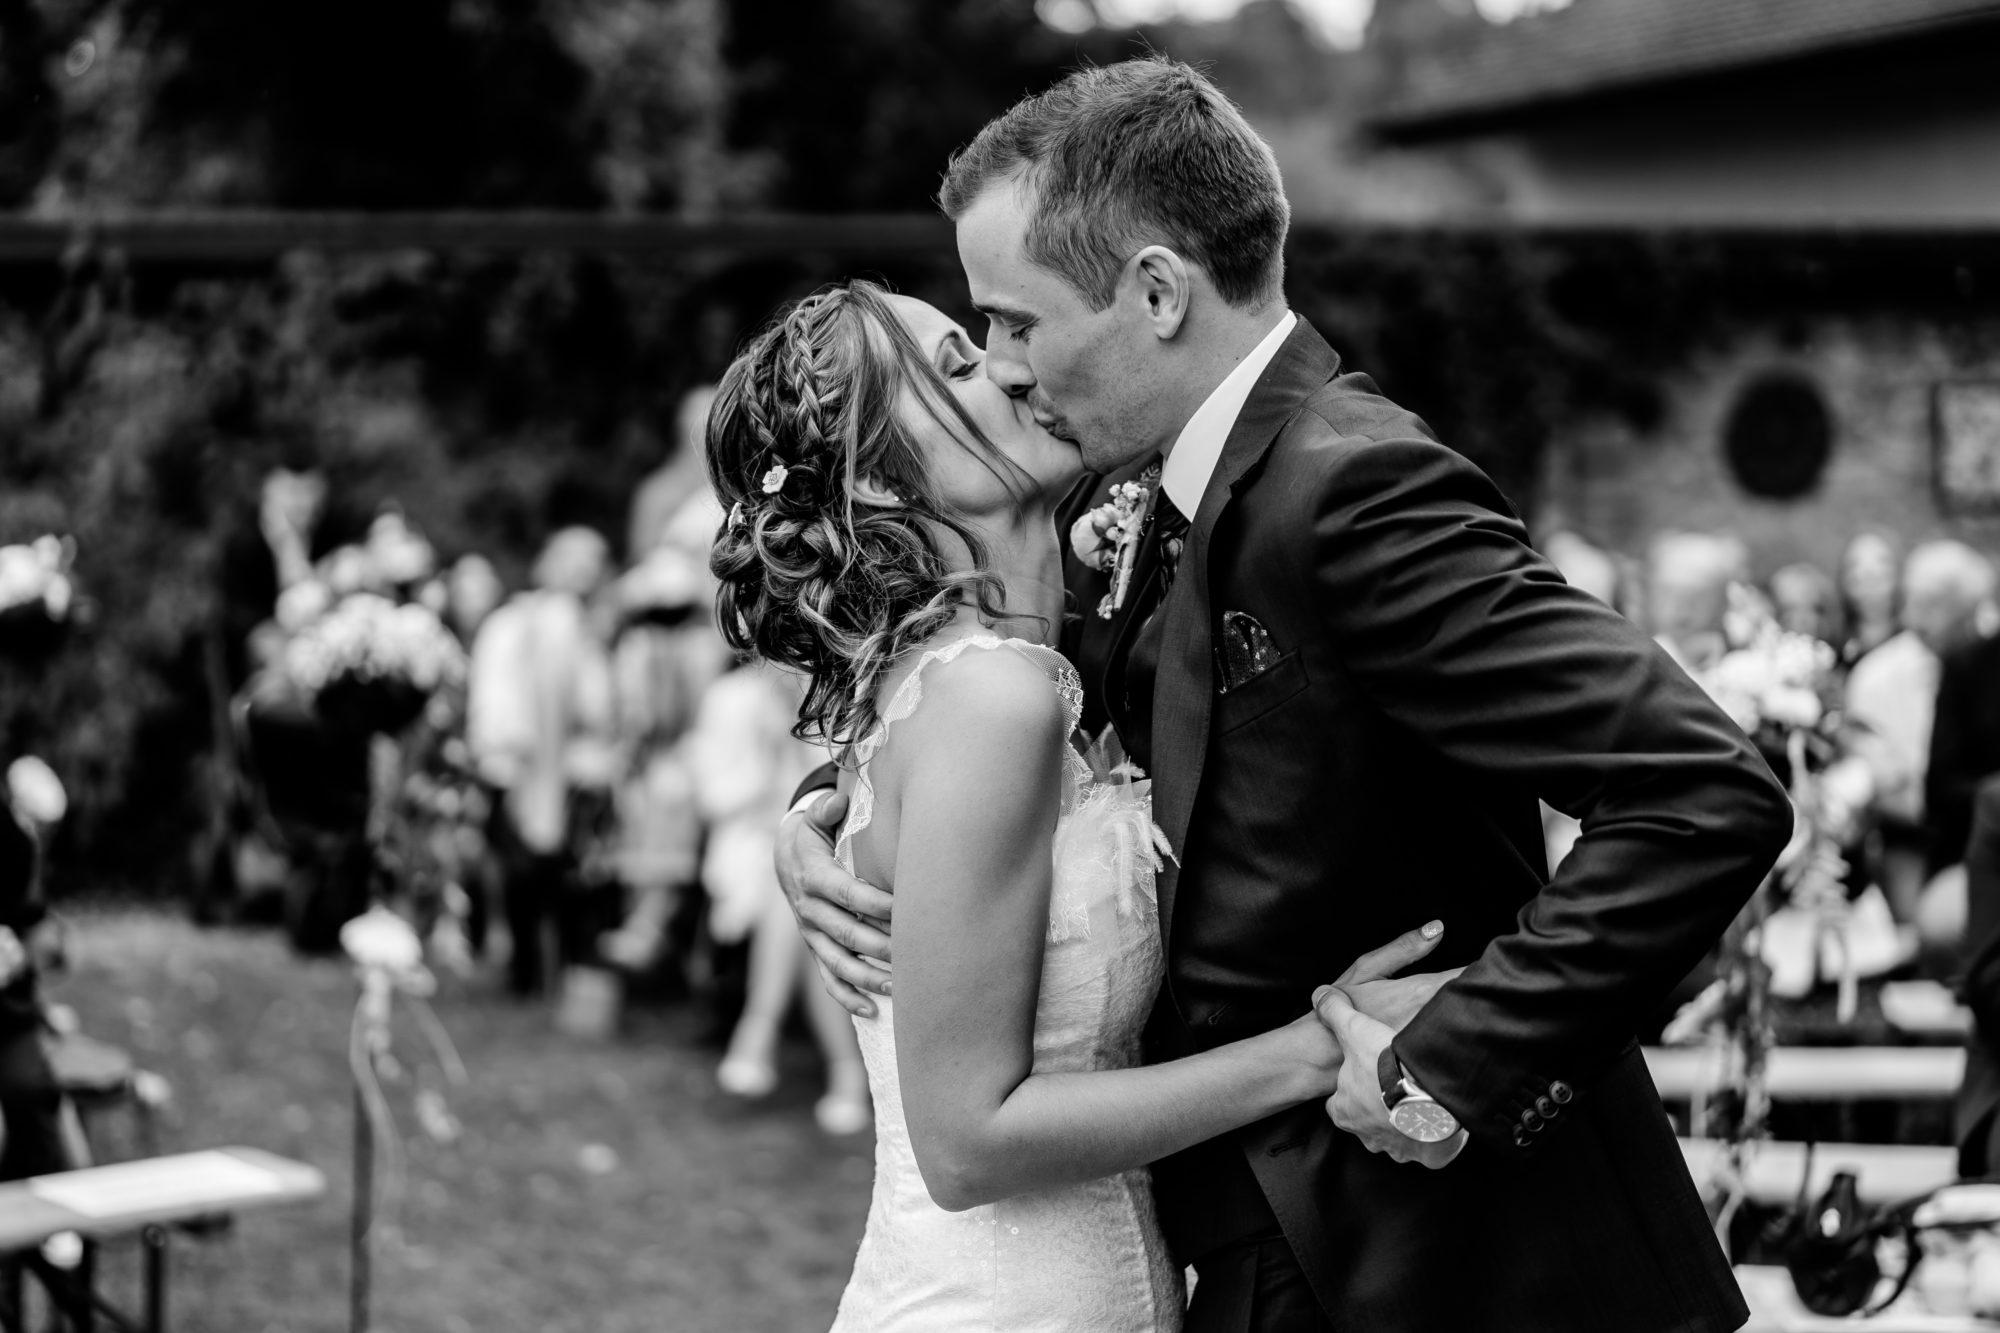 Mariage, photo de couple, mariage suisse, mariage Fribourg, cérémonie laique, cérémonie suisse, bleu je te veux, célébrant mariage, mariage non religieux, mariés, photographe de mariage